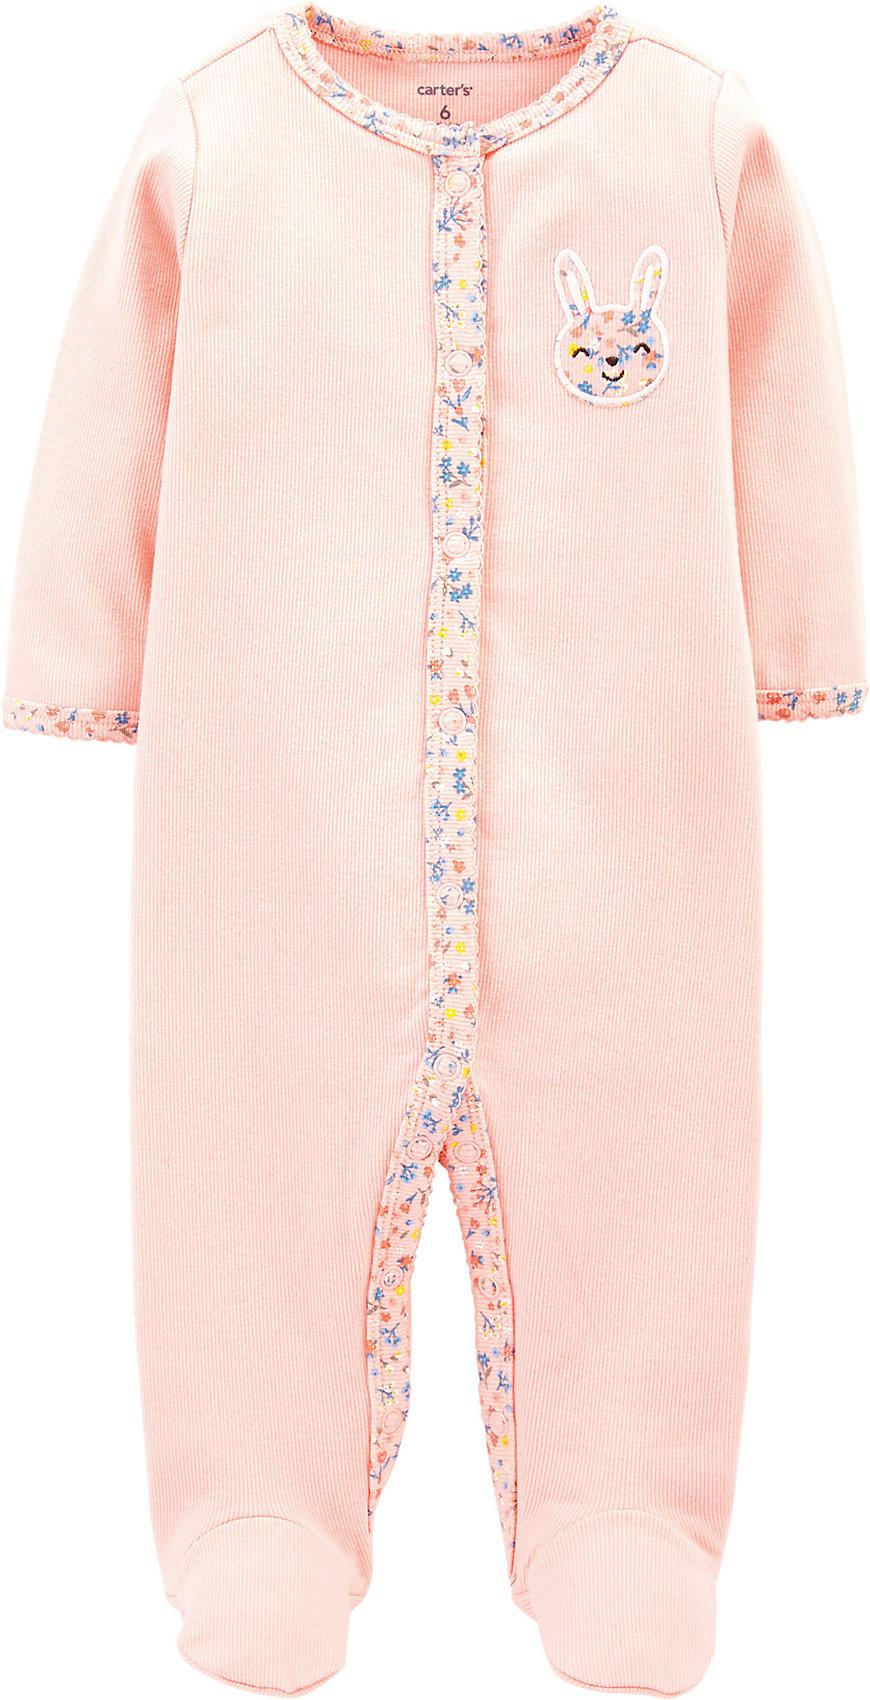 Neu carter`s Baby Schlafanzug für Mädchen 8825222 für Mädchen rosa